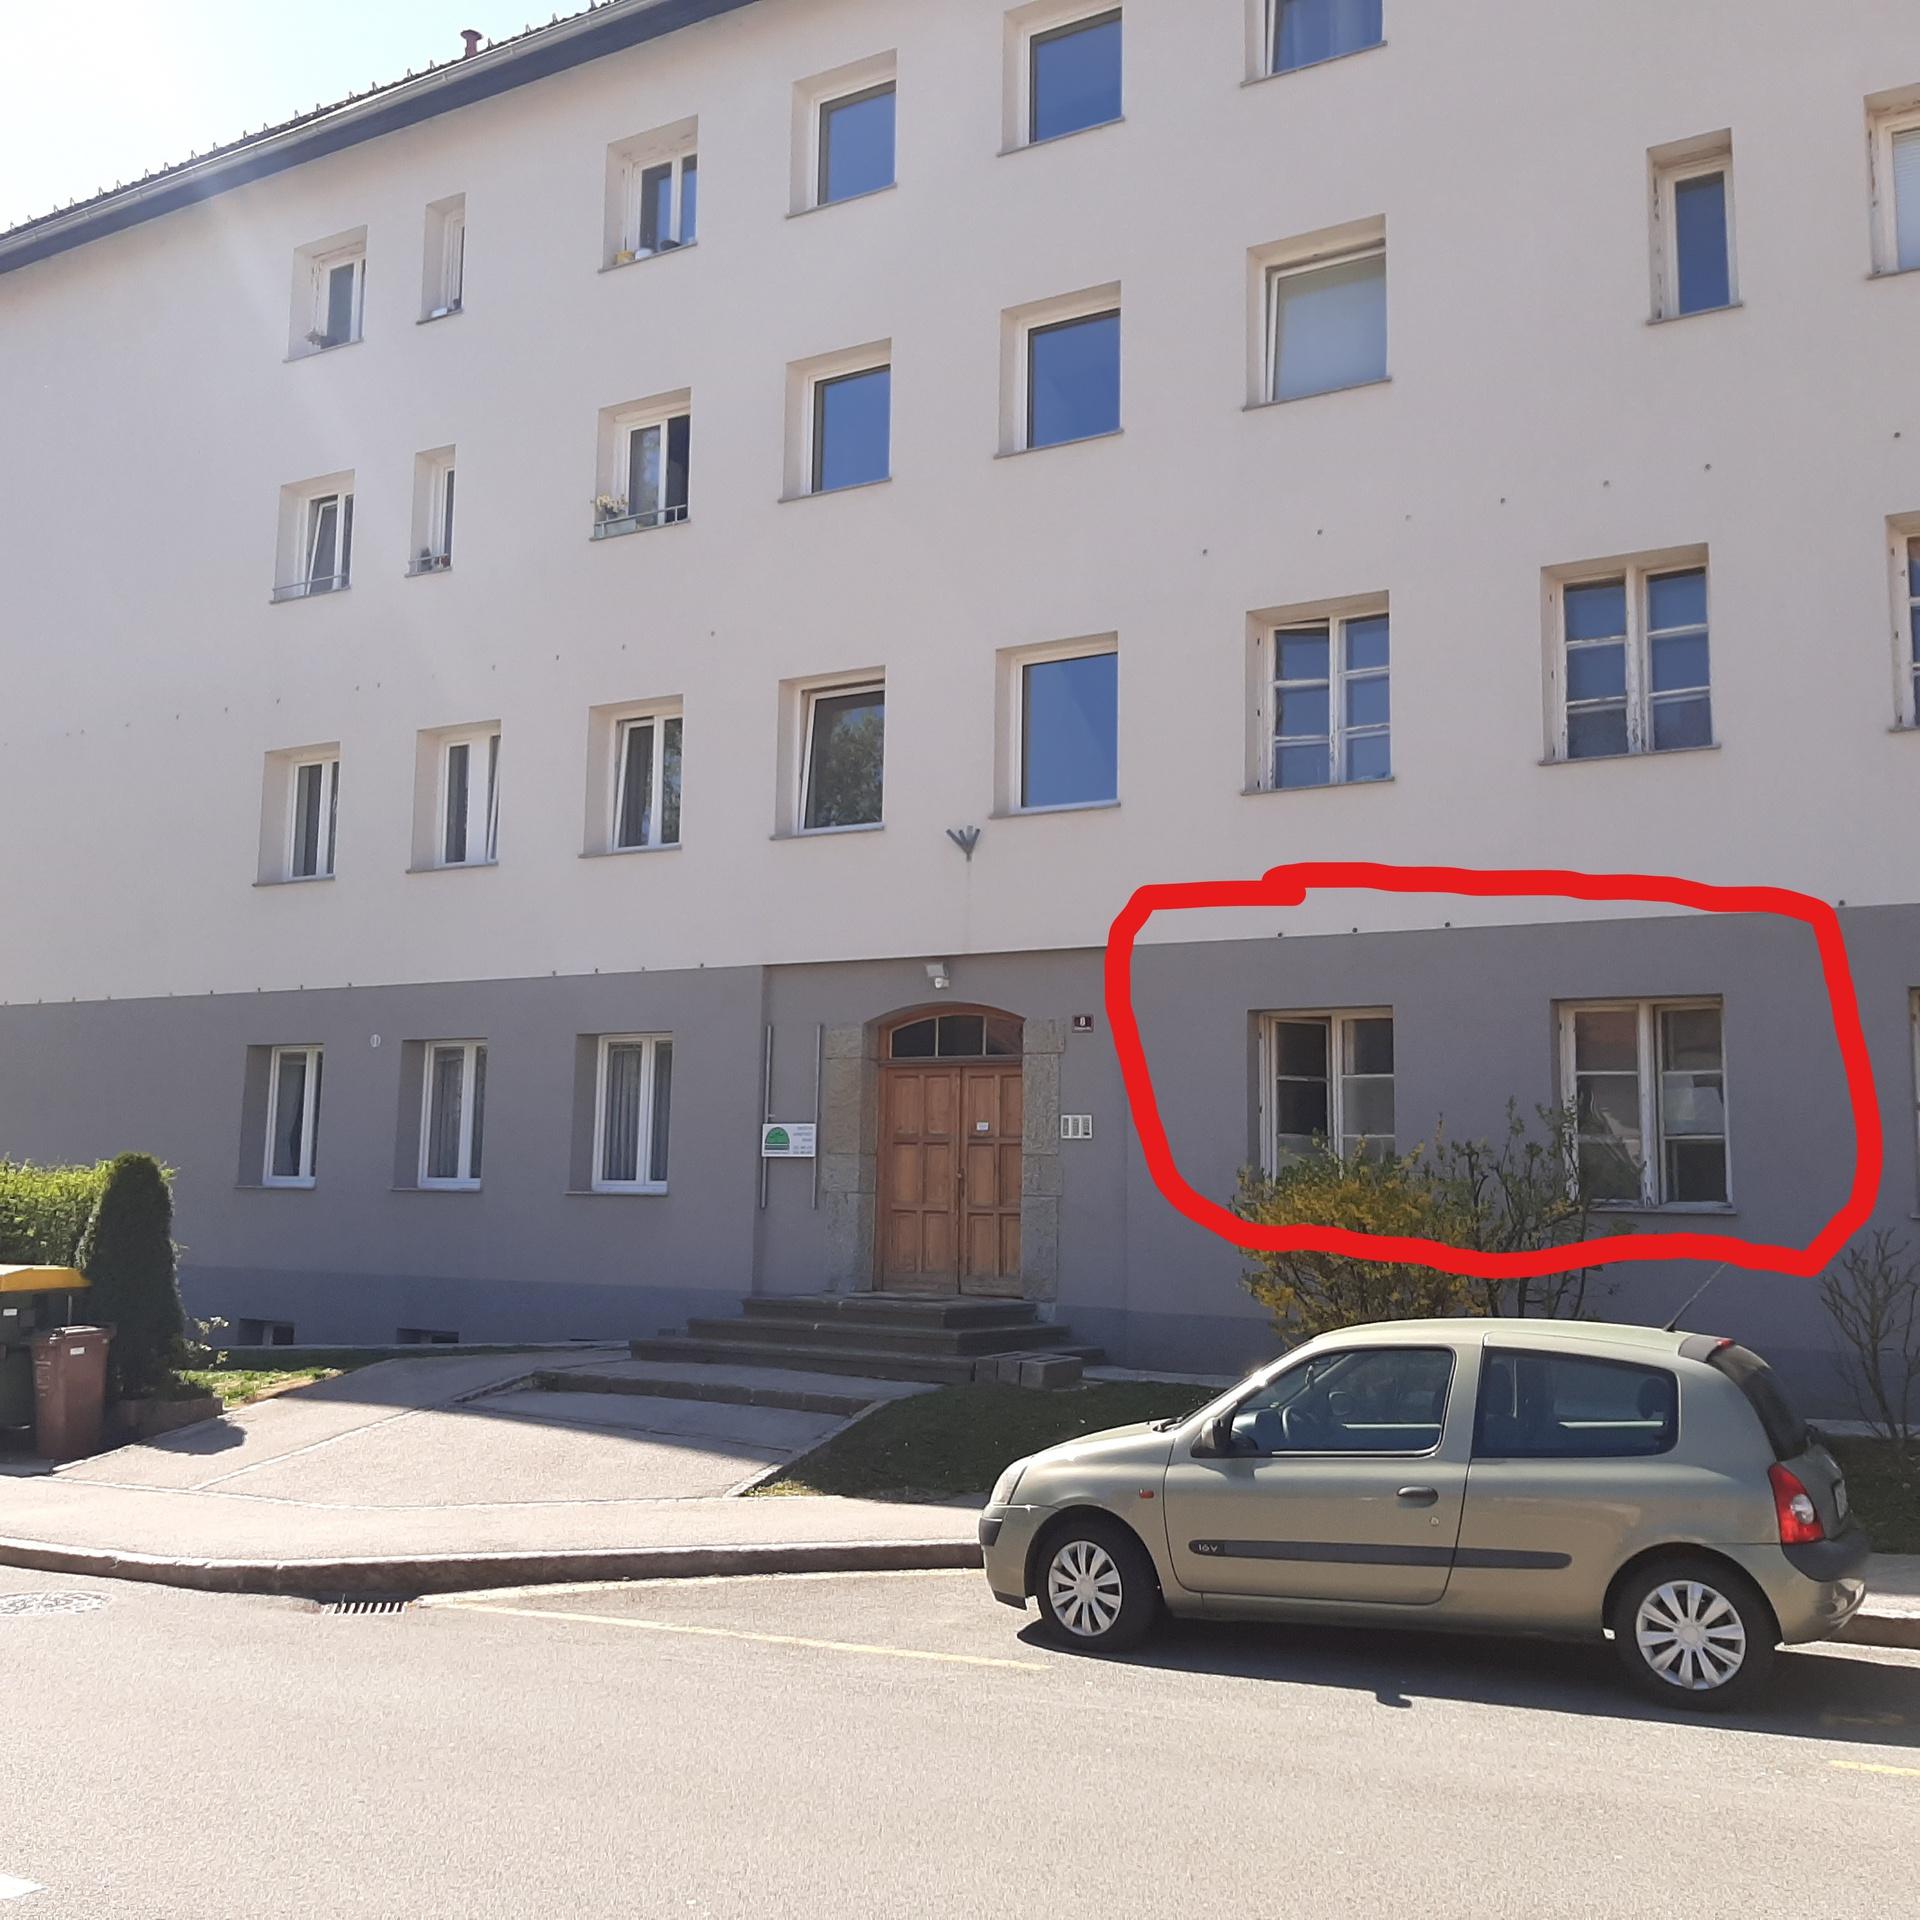 Stanovanje mestnega politika Igorja Velova (lastnik) v katerem naj bi se neprestano menjavali stanovalci večinoma s Kosova. Stanovalci trdijo, da največ prihajajo in odhajajo ponoči.